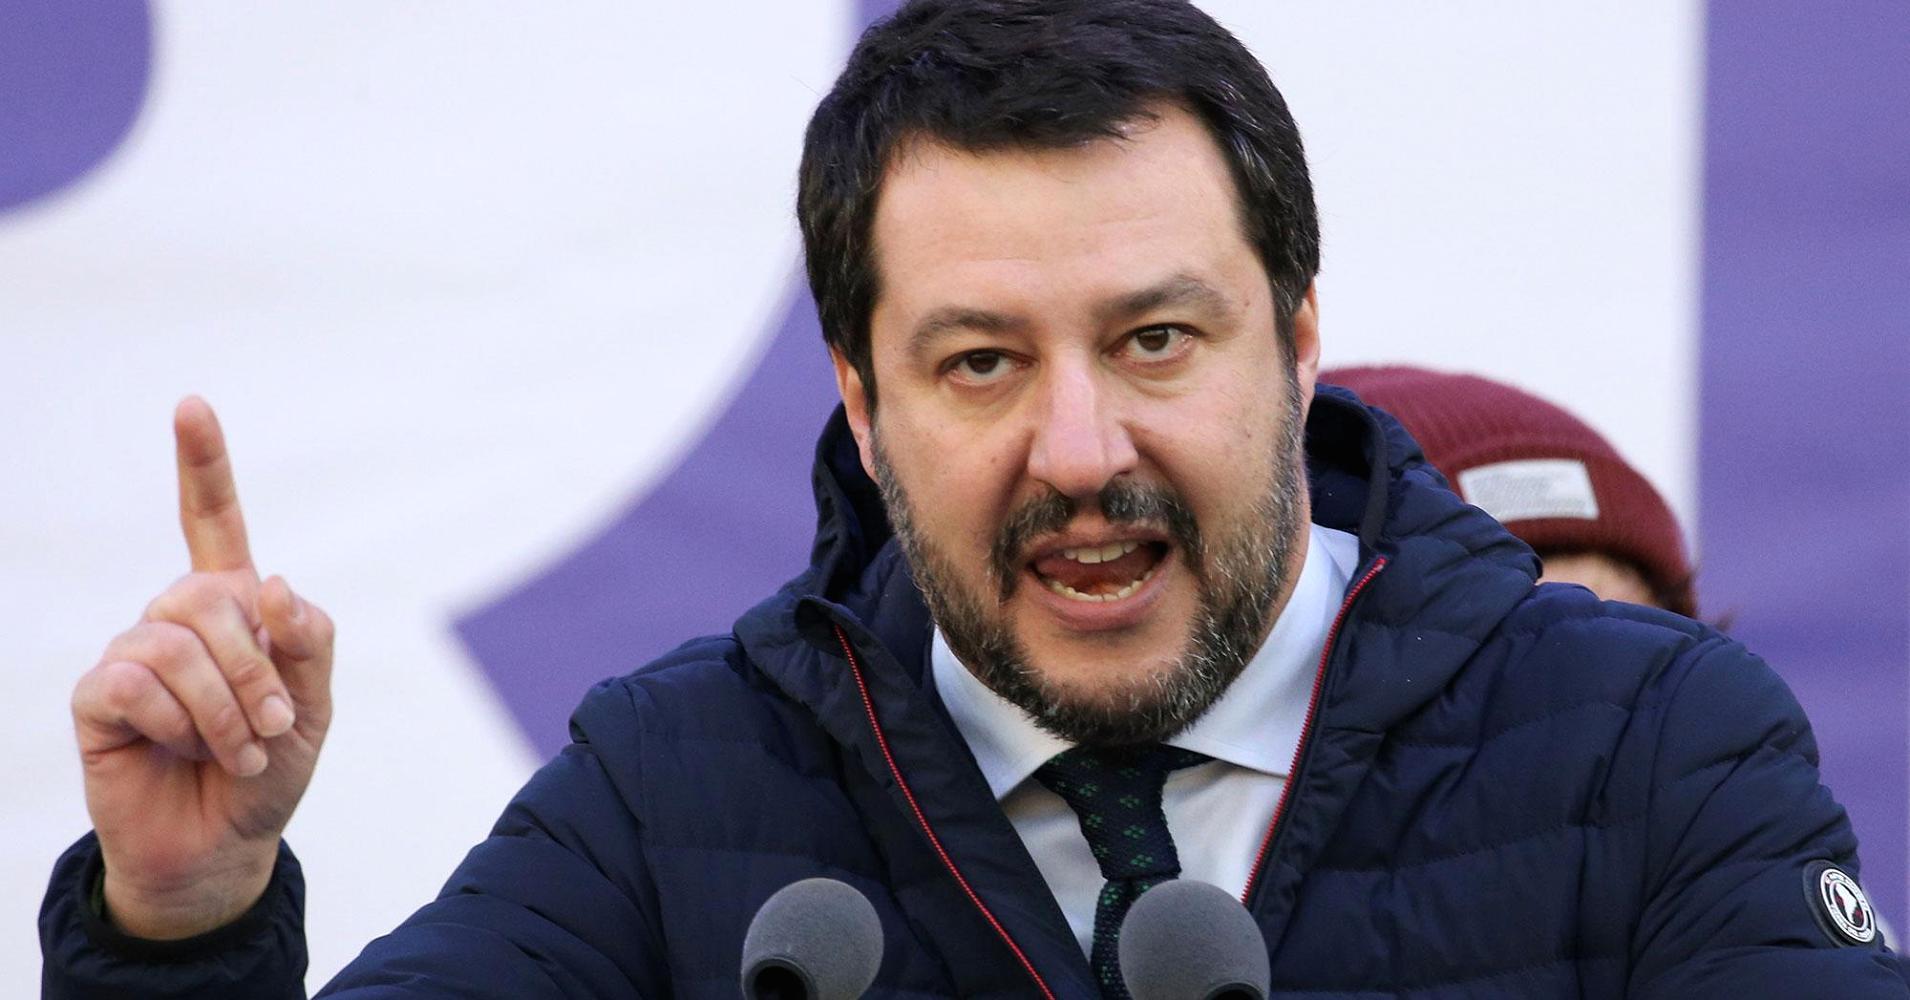 «Берлин и Брюссель заблуждаются!» – Маттео Сальвини яростно обвиняет Евросоюз, в то время как Россия помогает Италии бороться с пандемией COVID-19